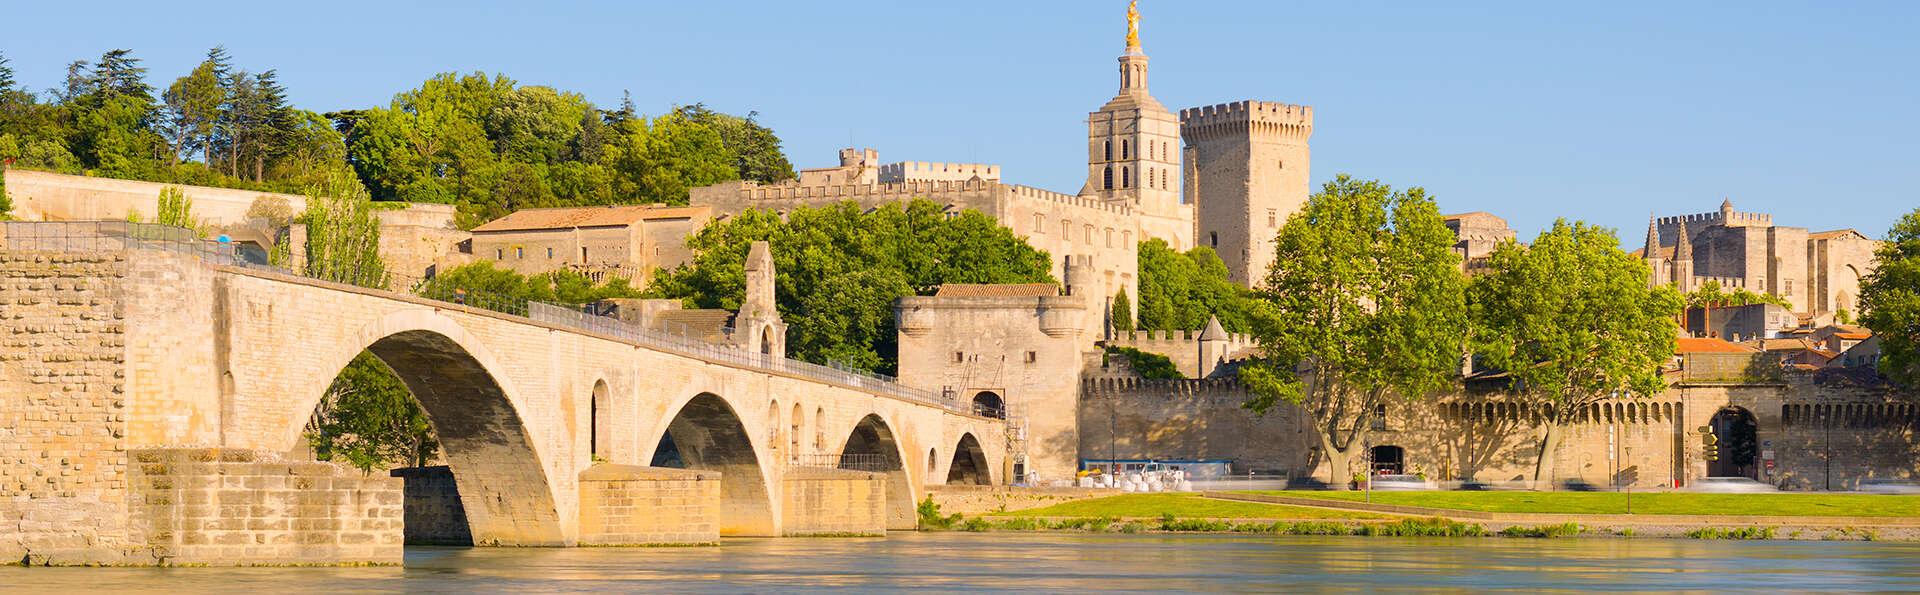 Avignon Grand Hôtel - Edit_Avignon.jpg